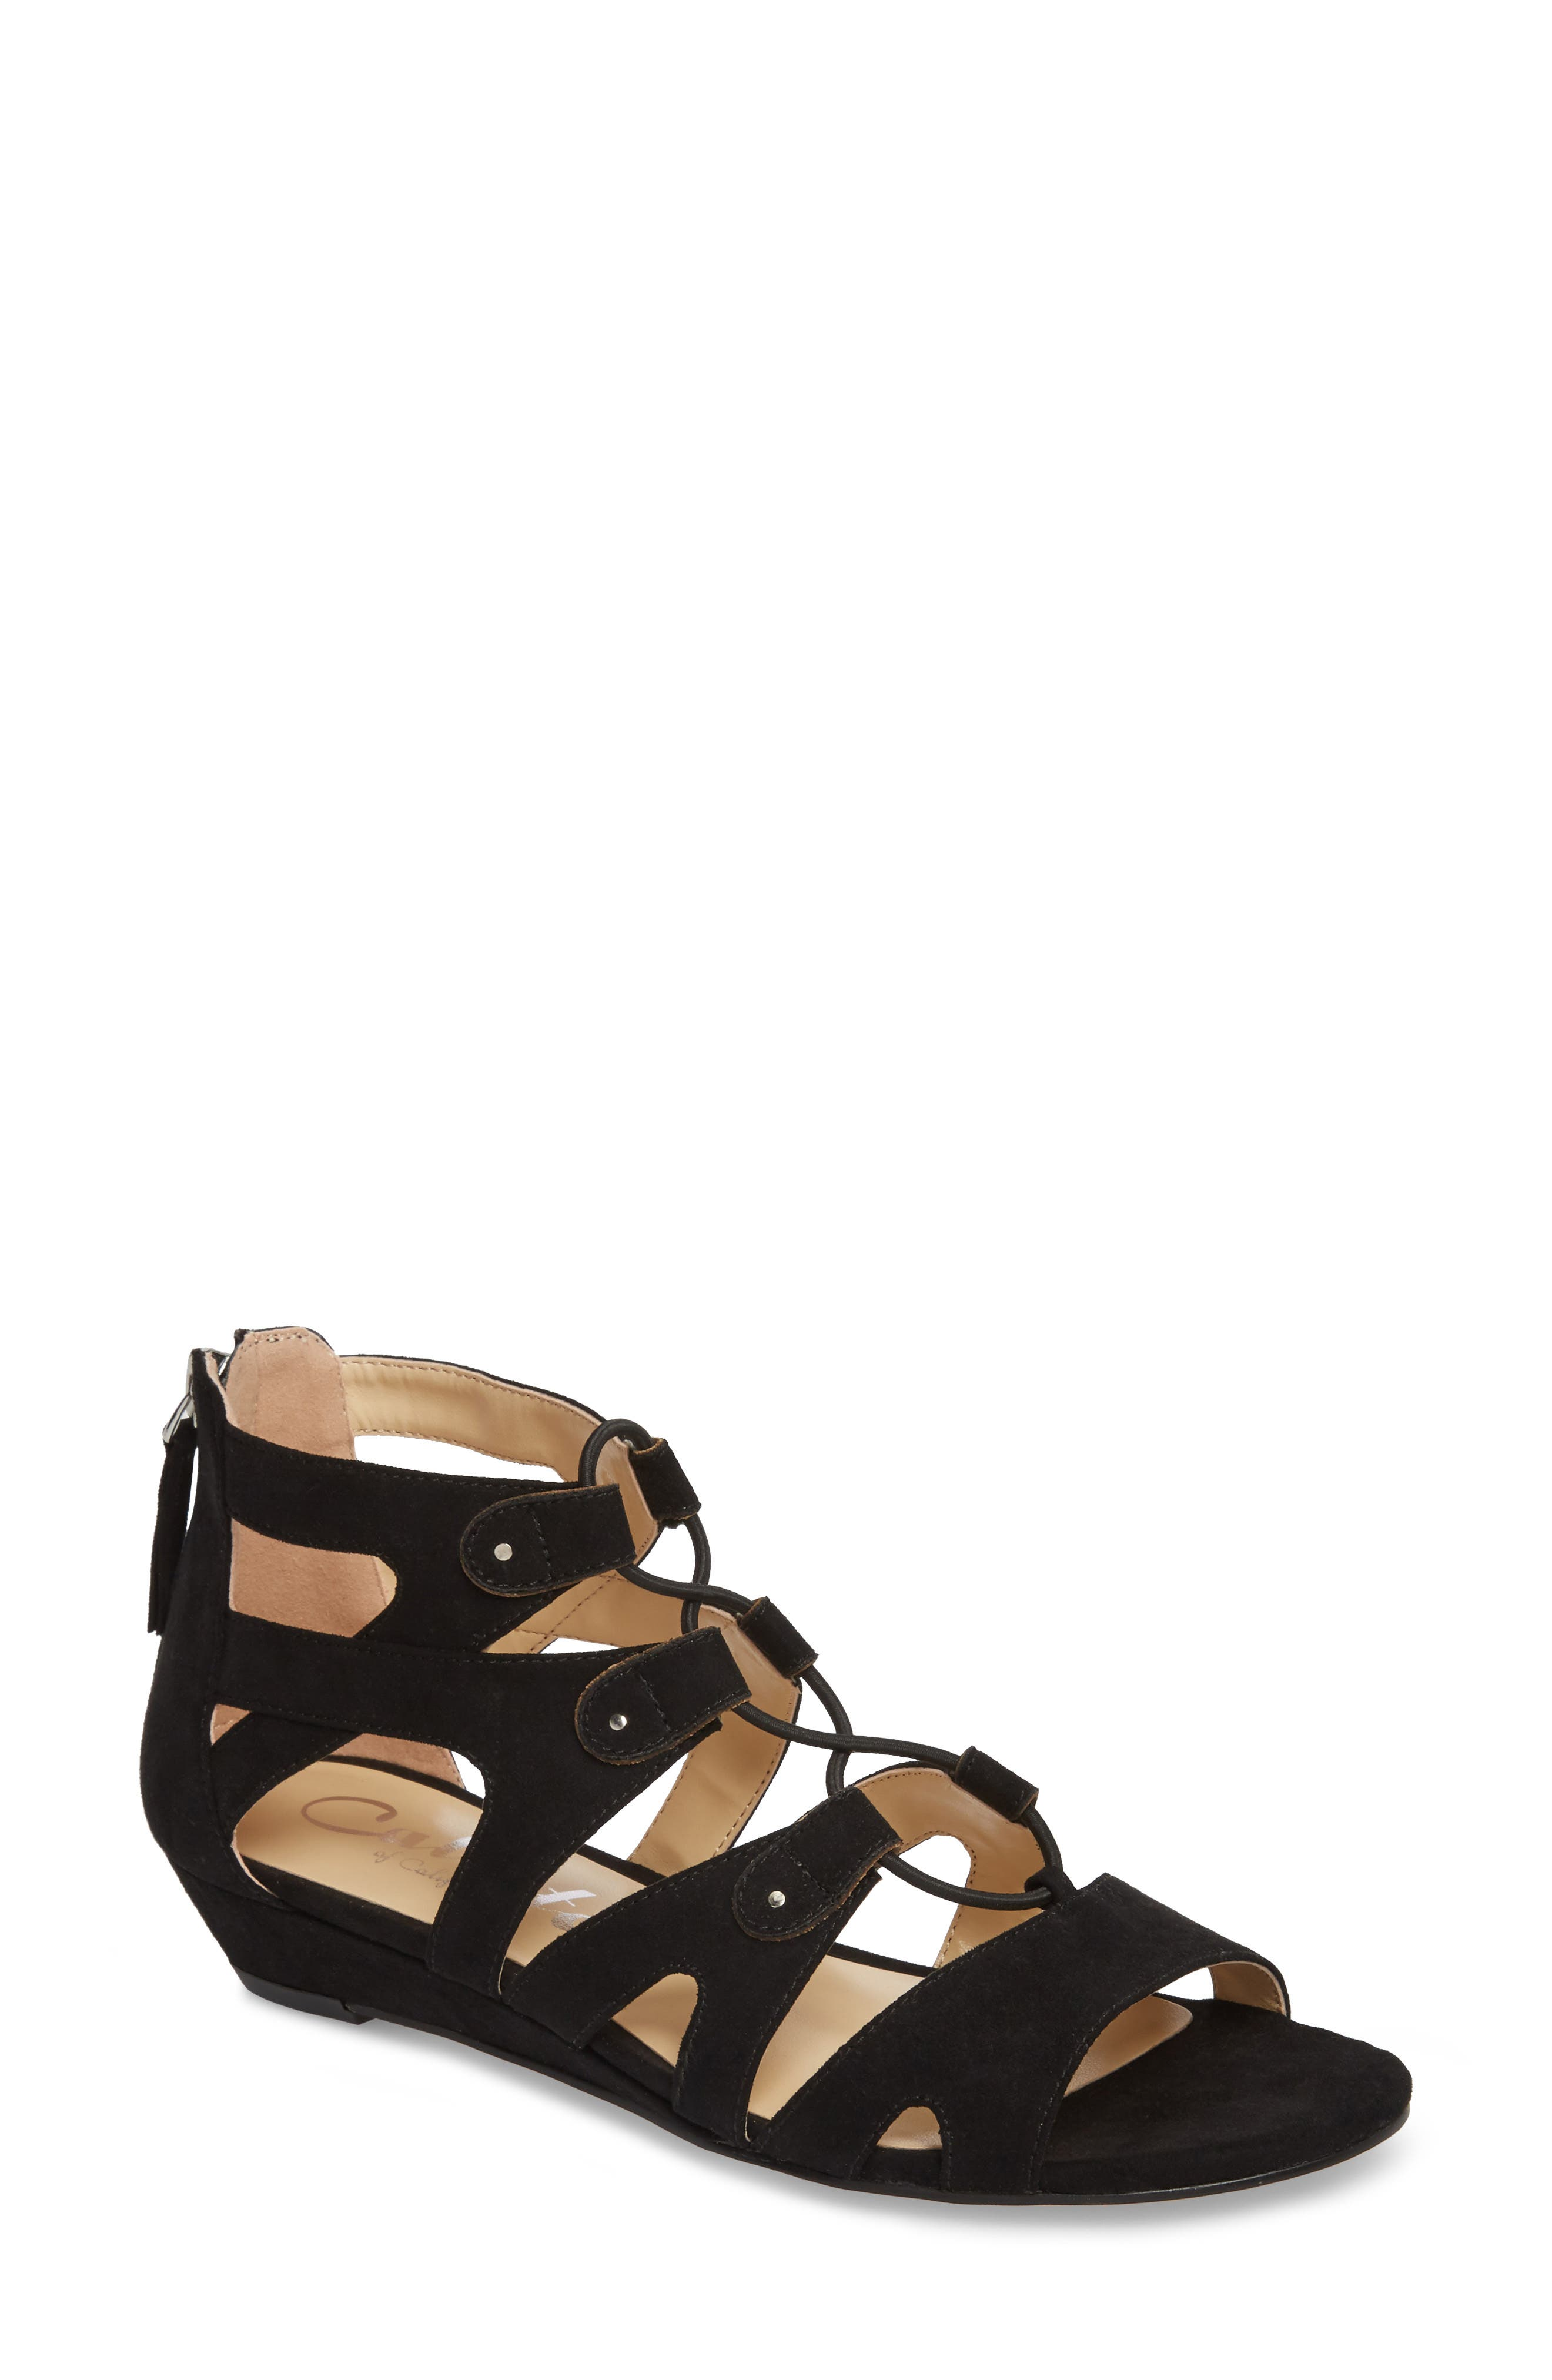 Lexx Lace-Up Sandal,                         Main,                         color, 003